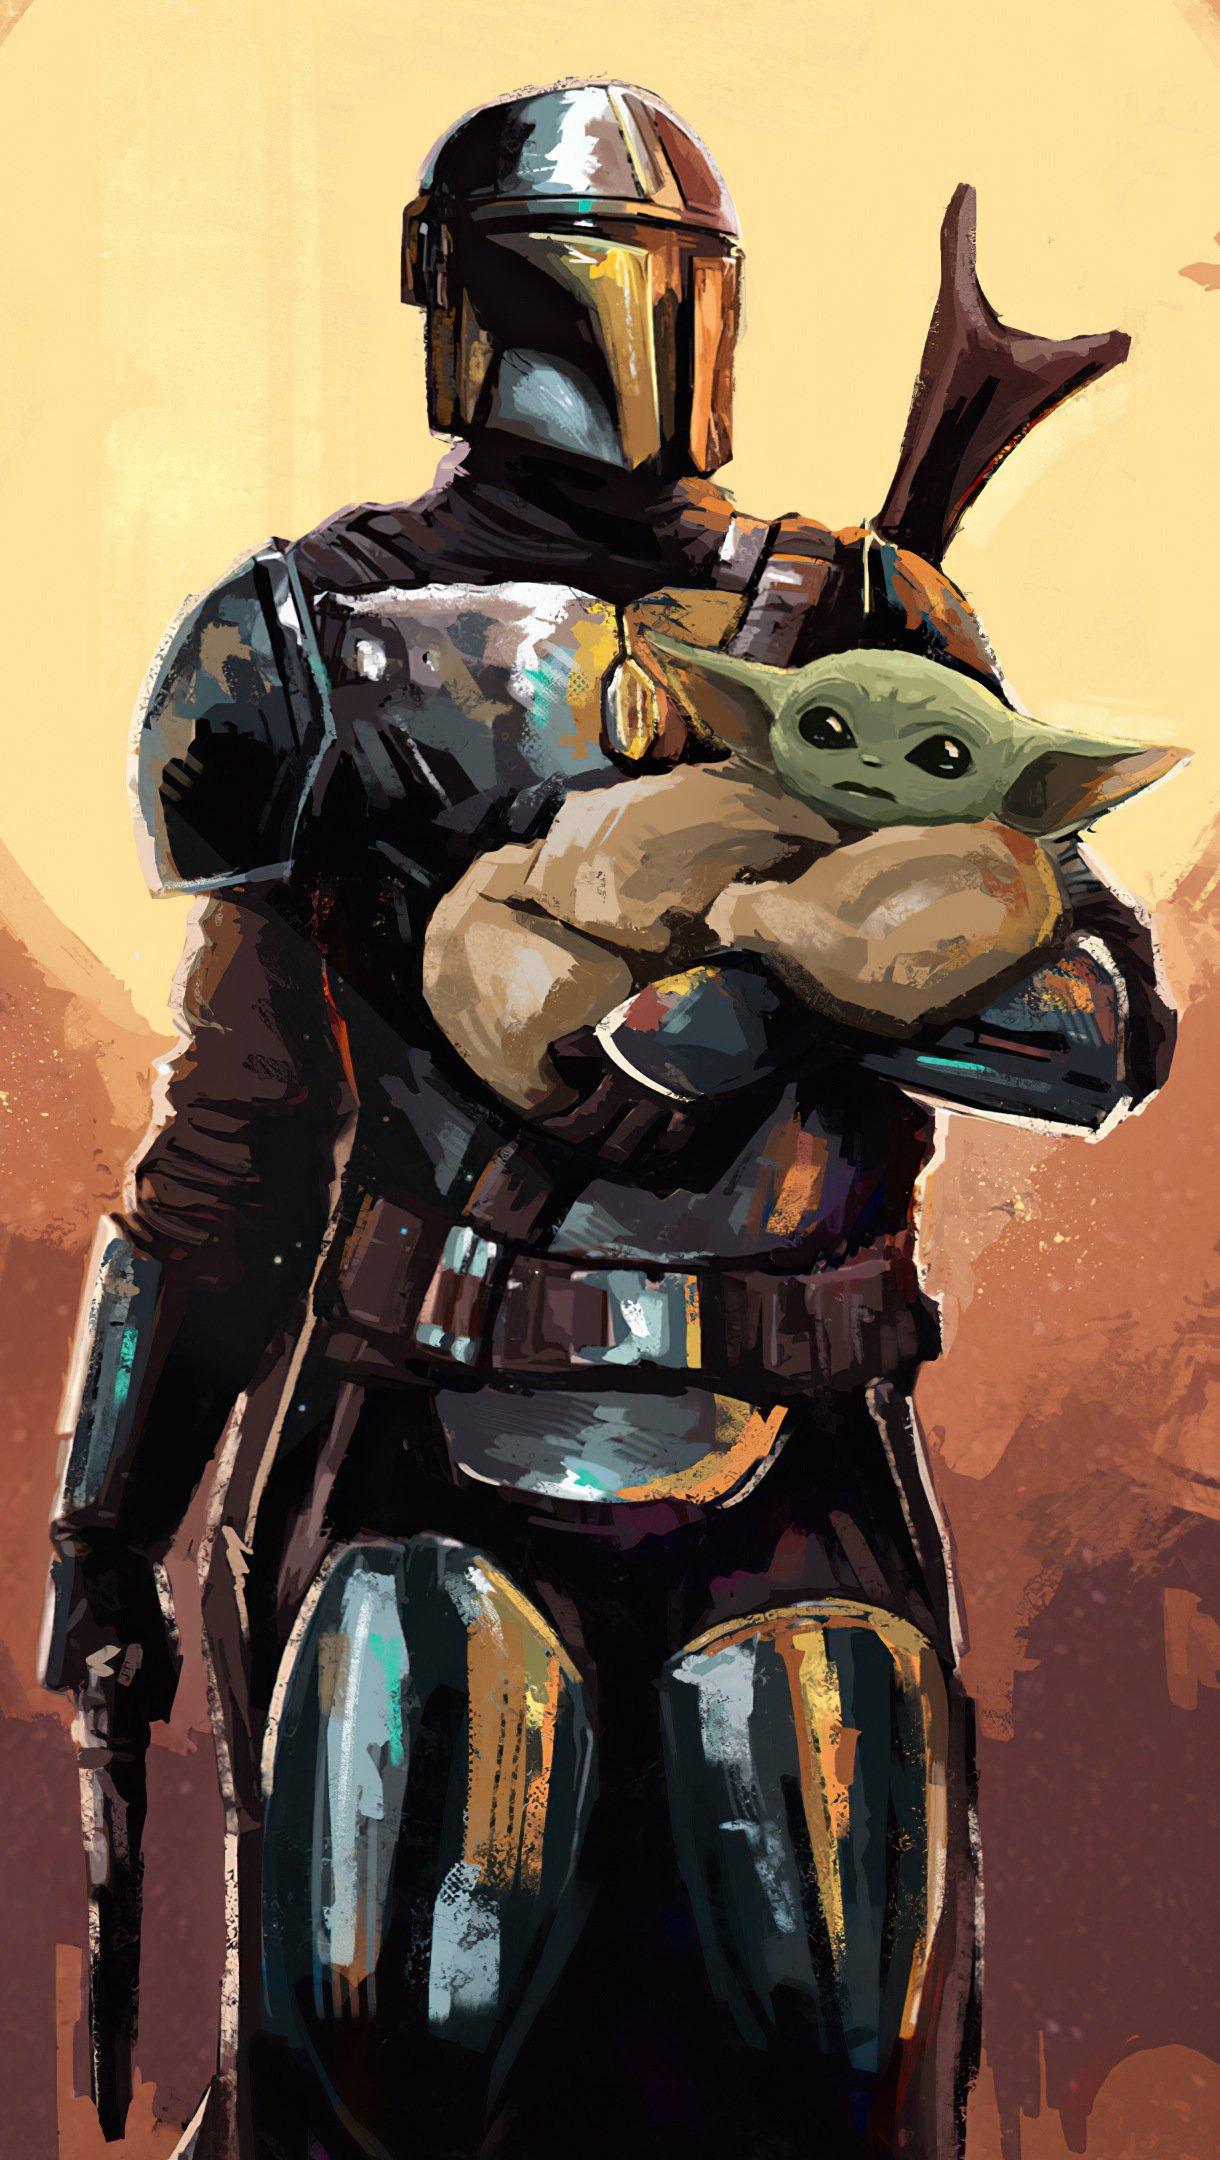 Fondos de pantalla The Manddalorian Yoda bebe Arte Digital Vertical